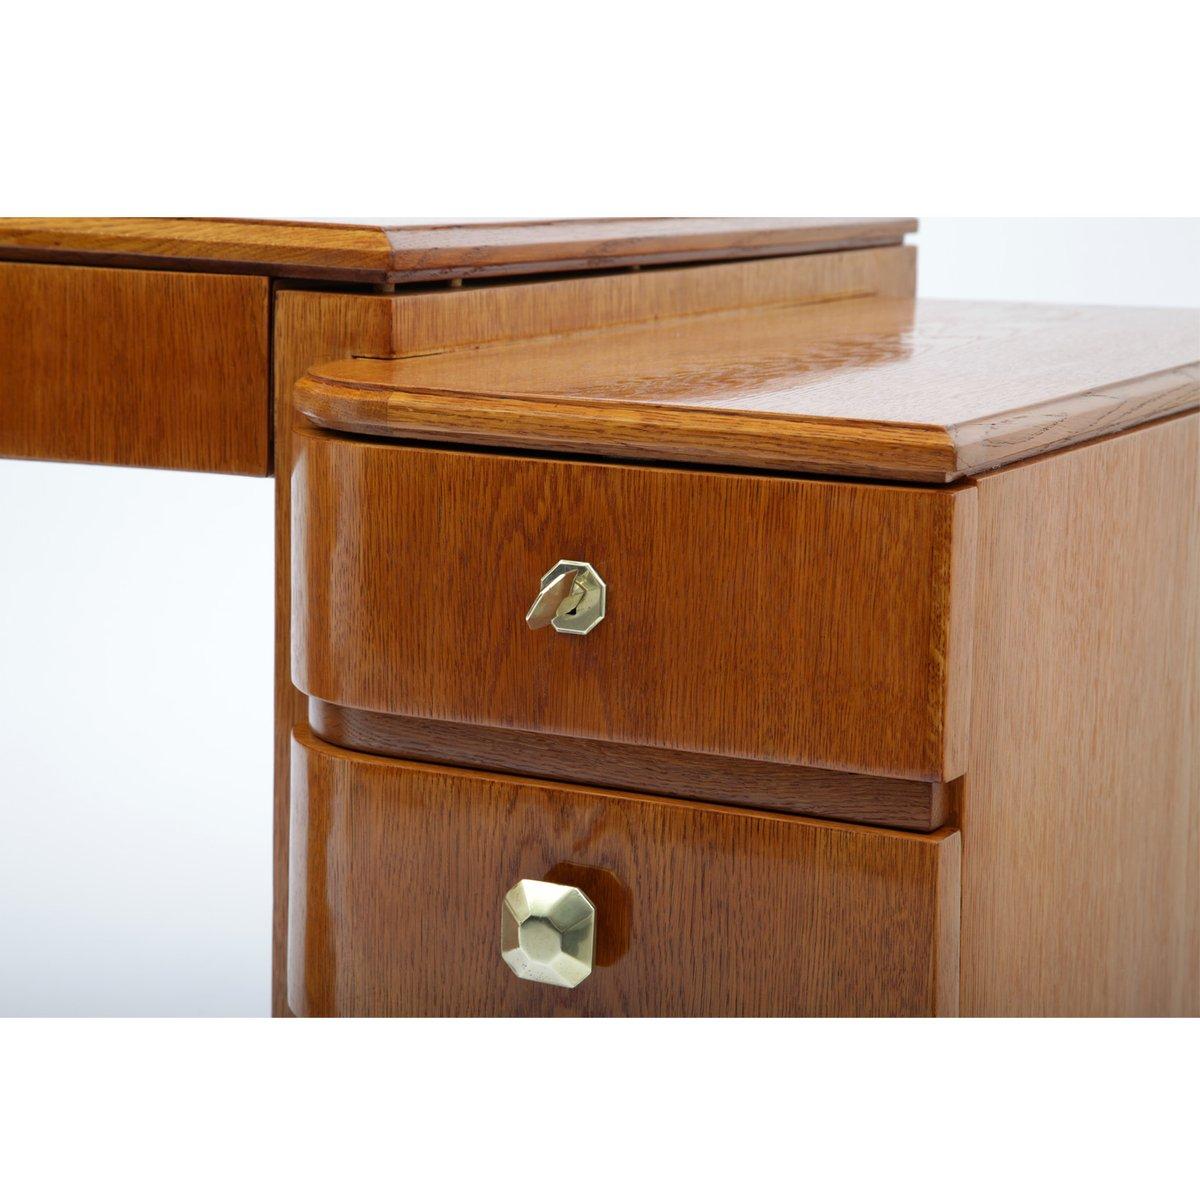 geschwungener franz sischer art deco schreibtisch 1930er. Black Bedroom Furniture Sets. Home Design Ideas